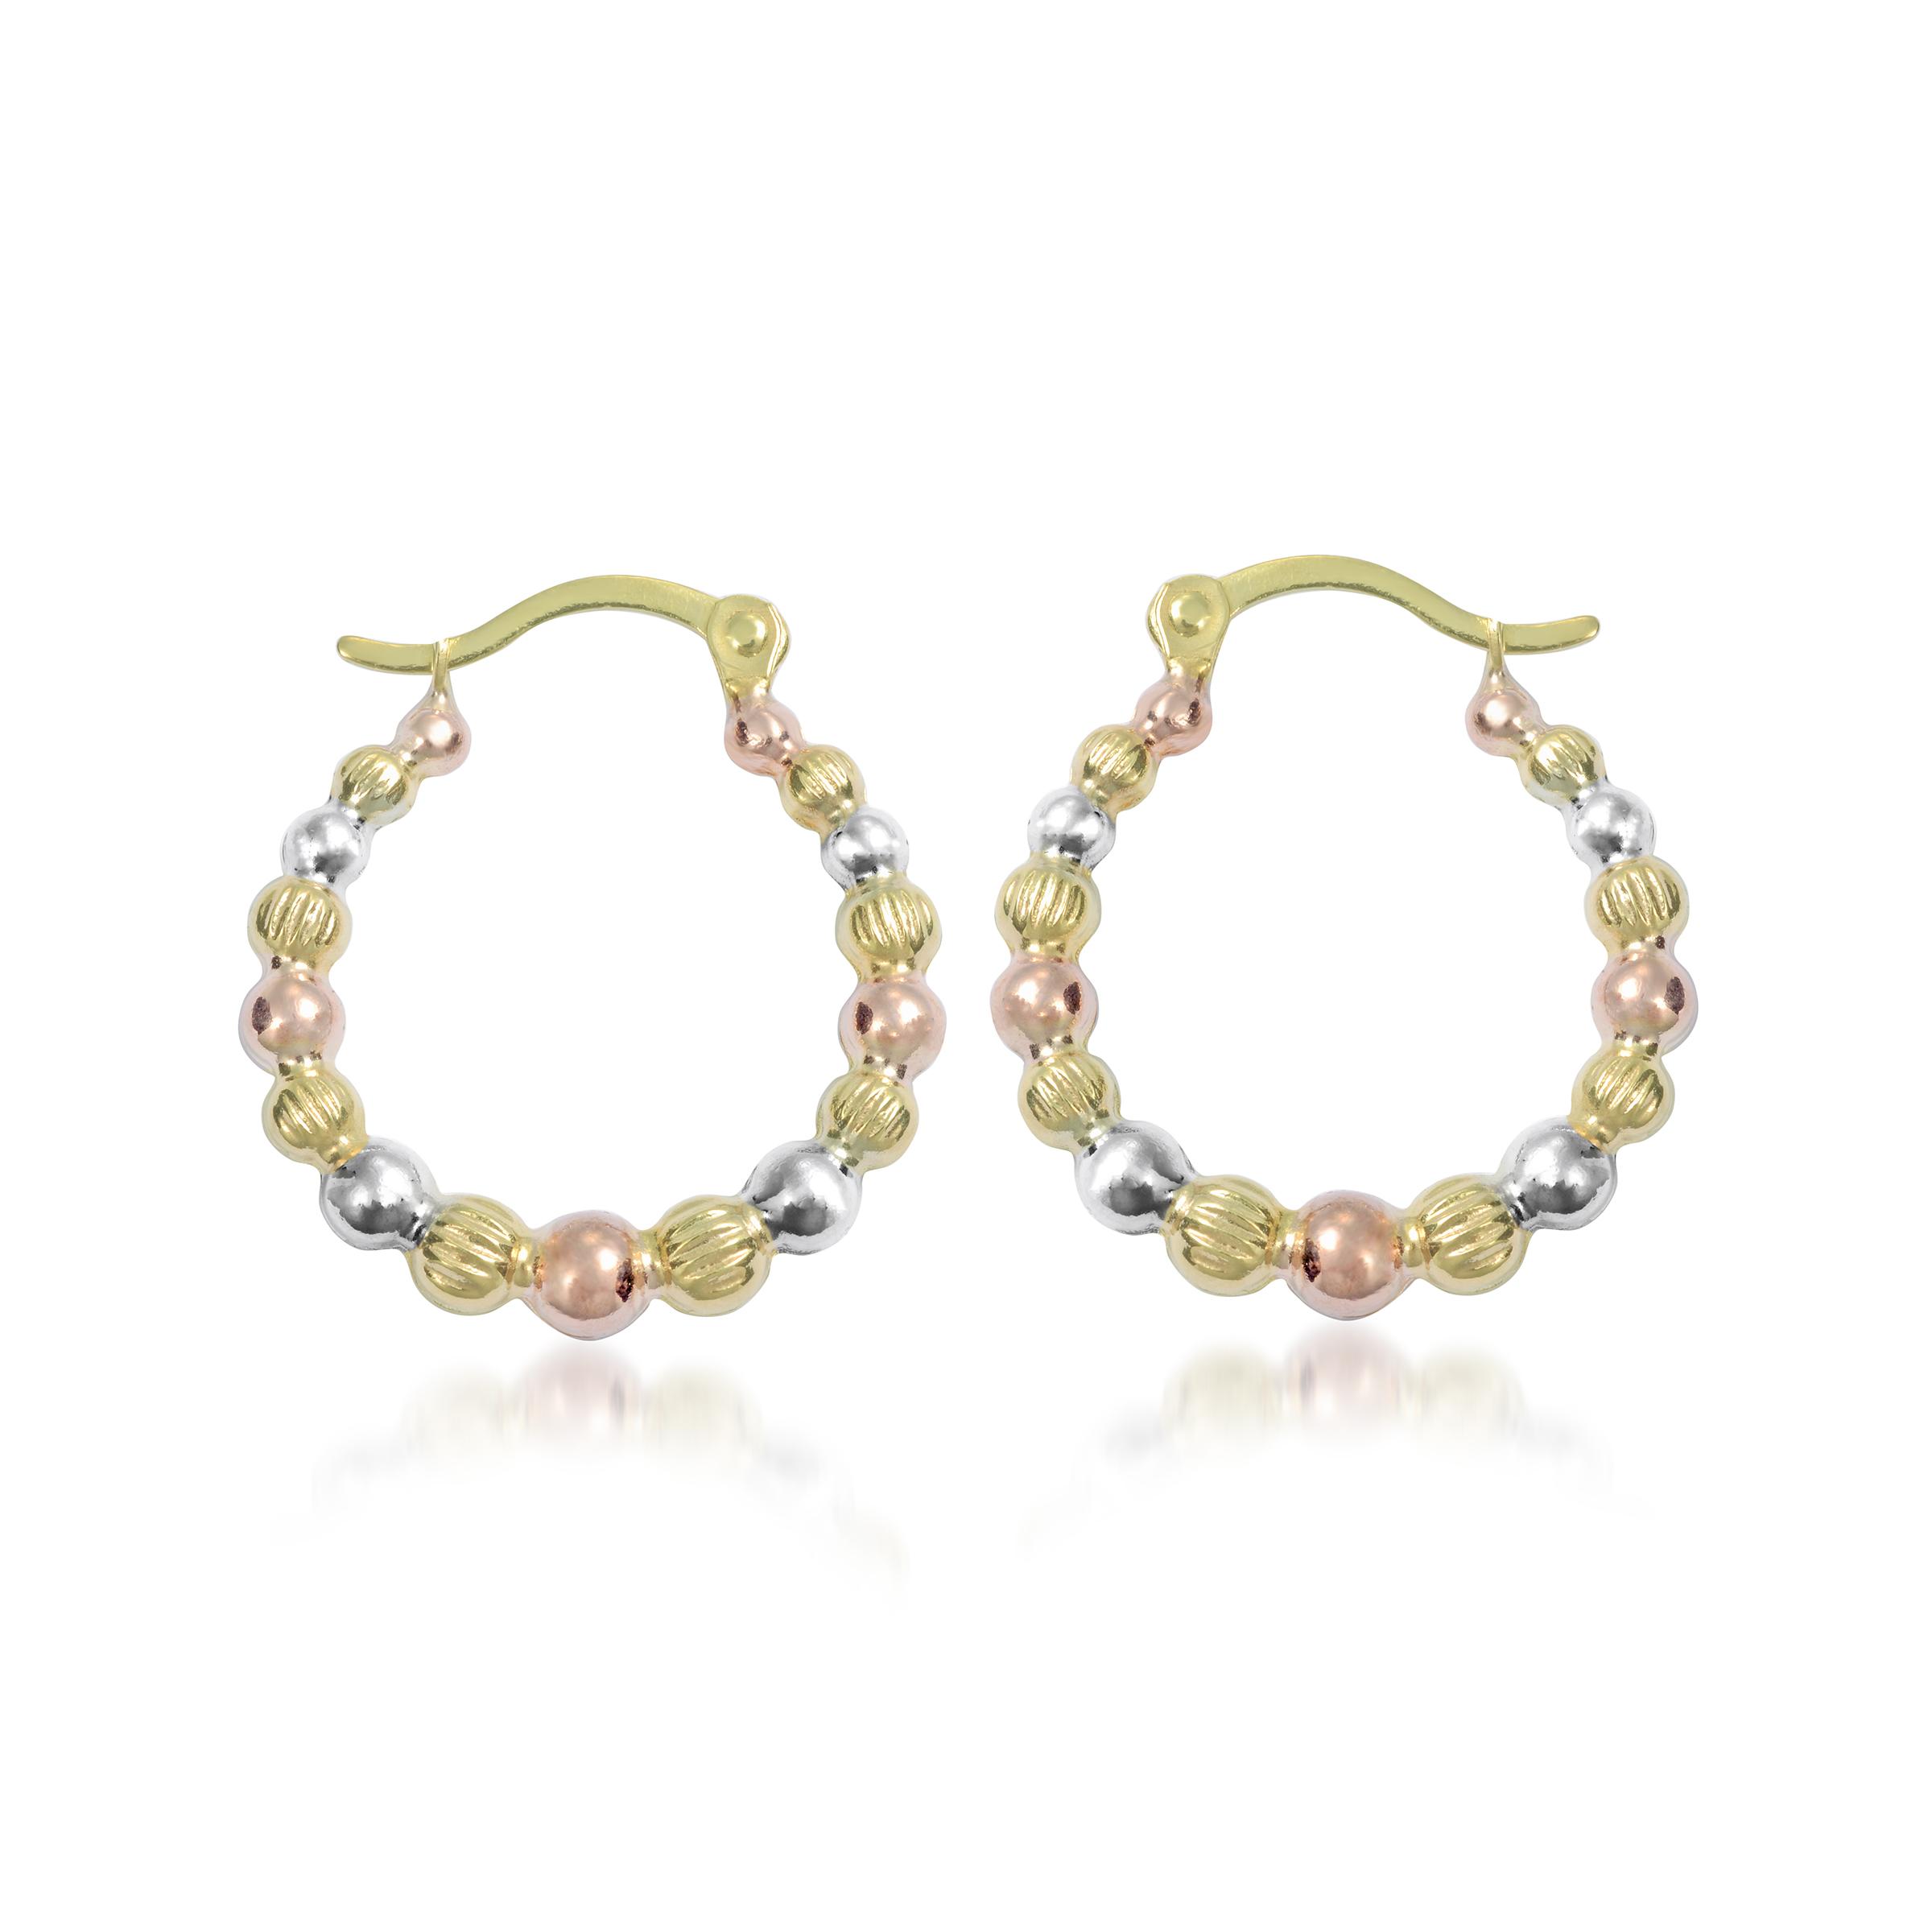 Boucles d'oreilles d'apparence perlées - Or 3-tons 10K